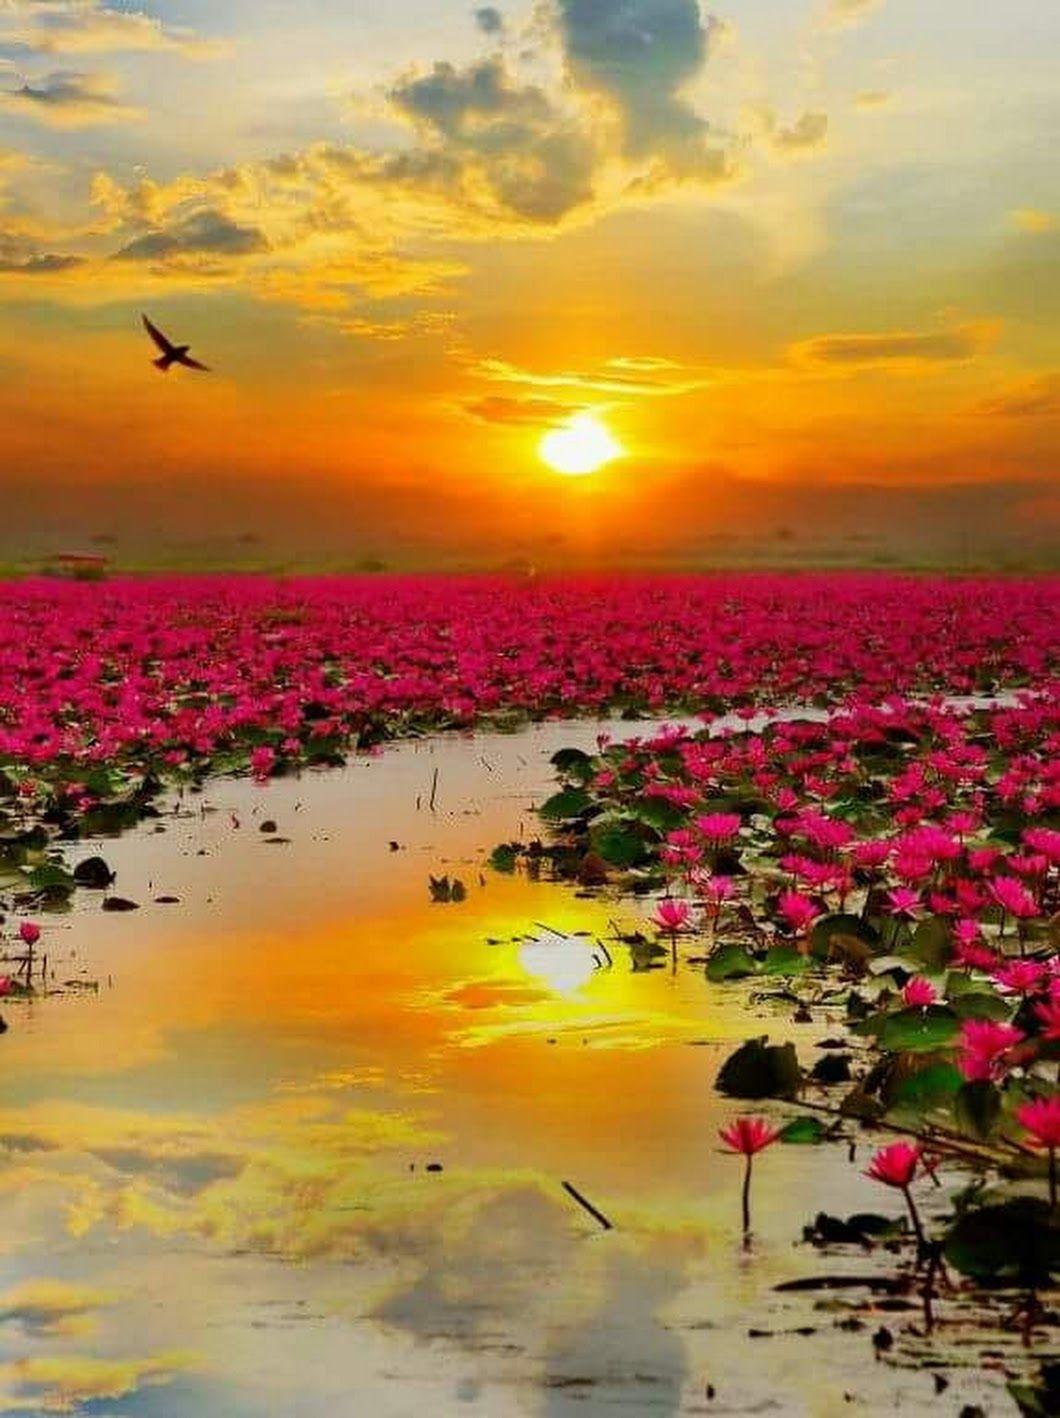 Amanecer Sunrise Beautiful Nature Nature Photography Beautiful Landscapes